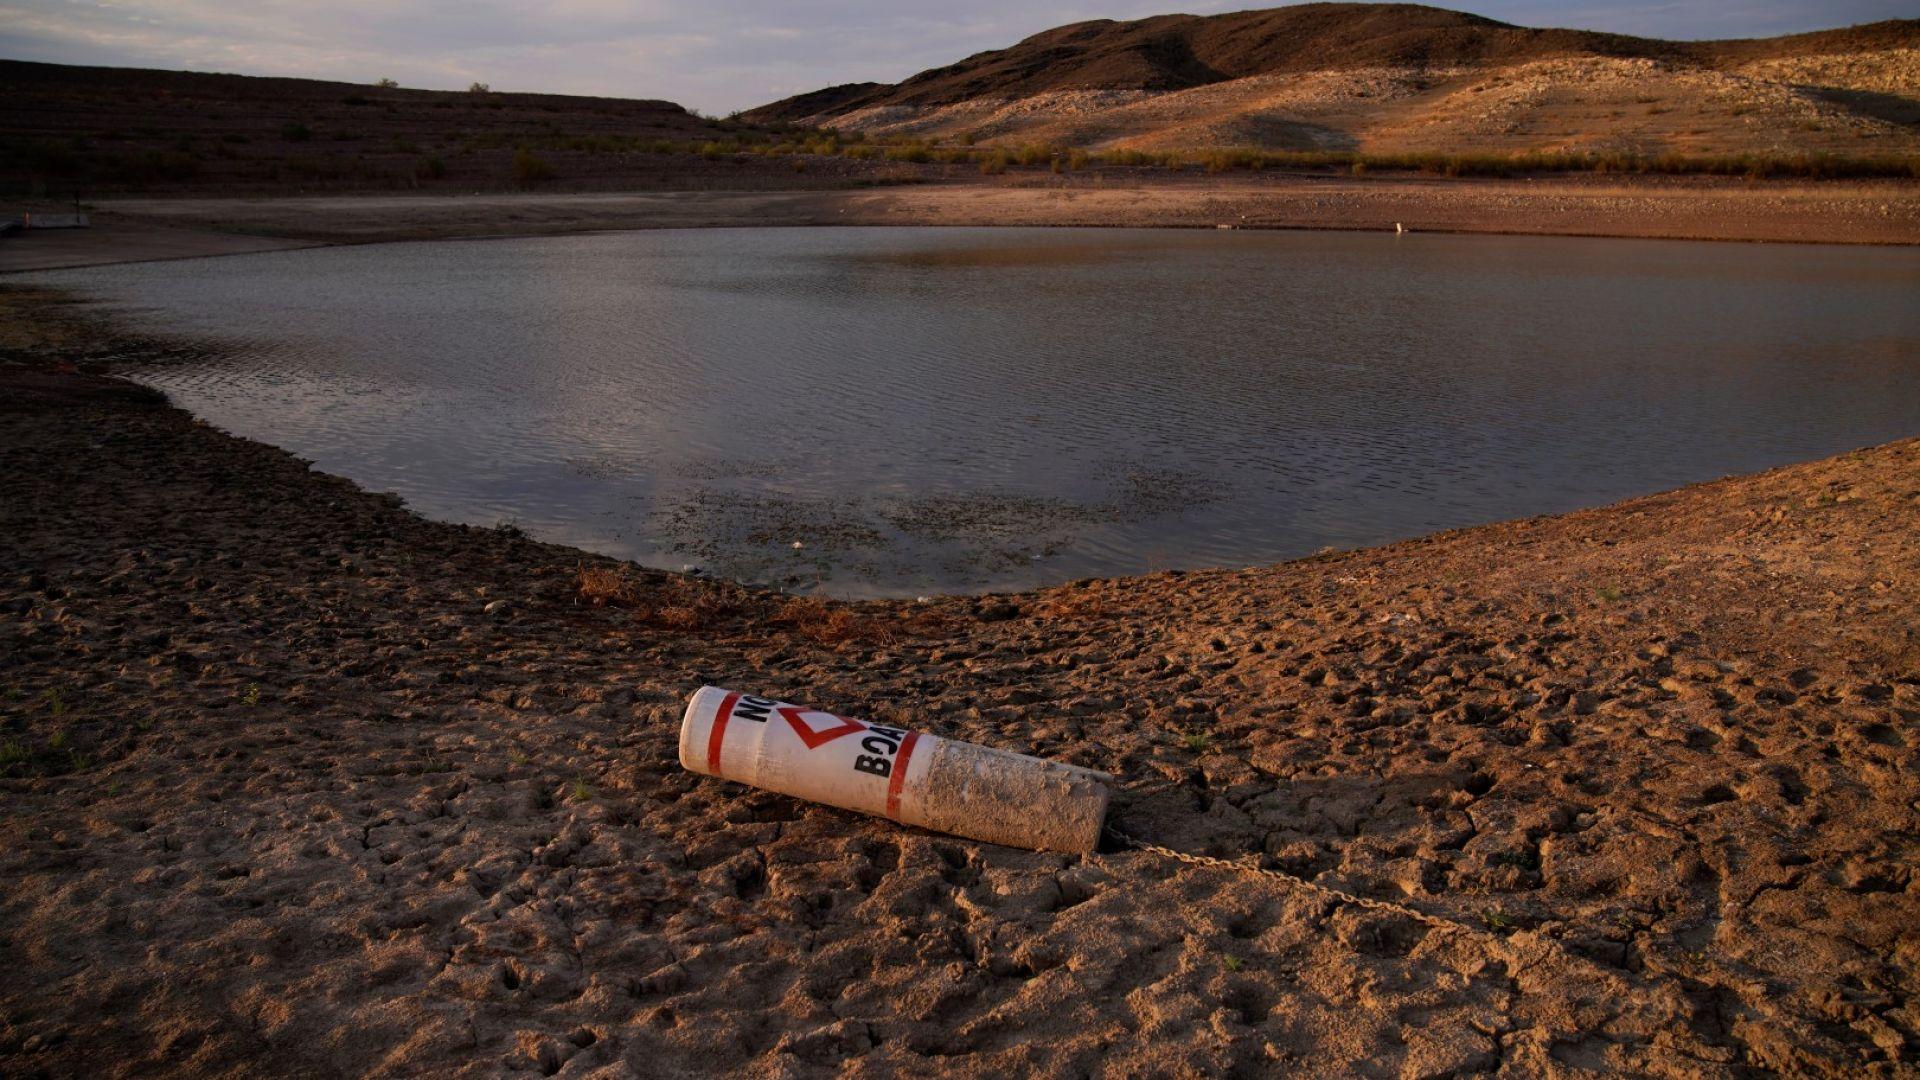 Буя лежи на сушата при затворена рампа за лодки на езерото Мийд в националната зона за отдих на язовира, 13 август 2021 г., близо до Боулдър сити, Невада. Водите в езерото, най-големият резервоар на река Колорадо, паднаха до рекордно ниски нива